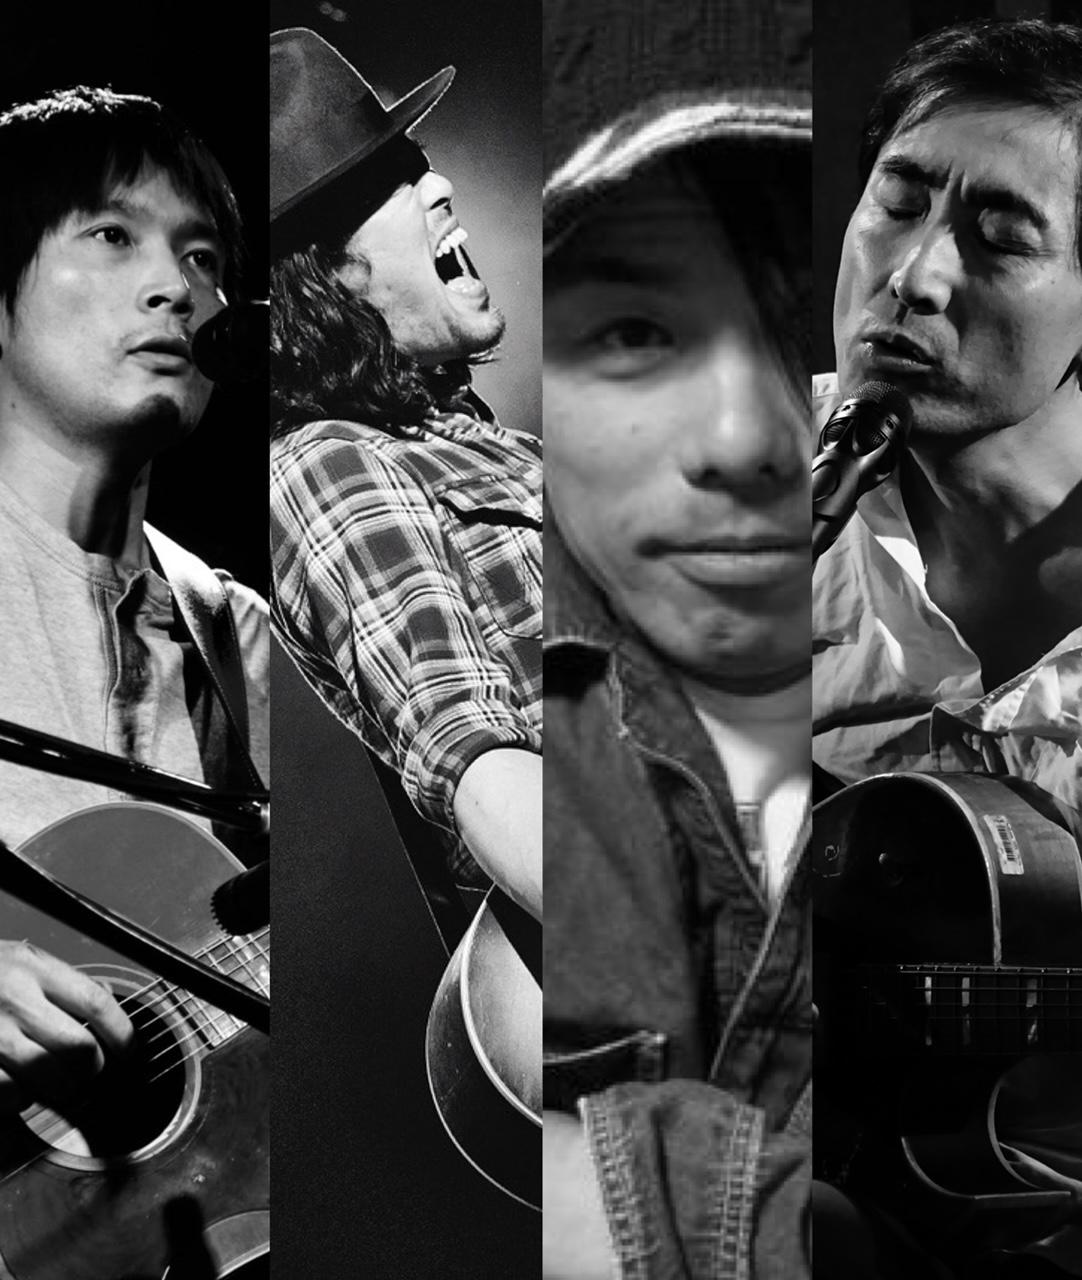 『転がる石 蹴飛ばす夜』出演:池森洋介 / ピース / 早川理史 / 中馬昇